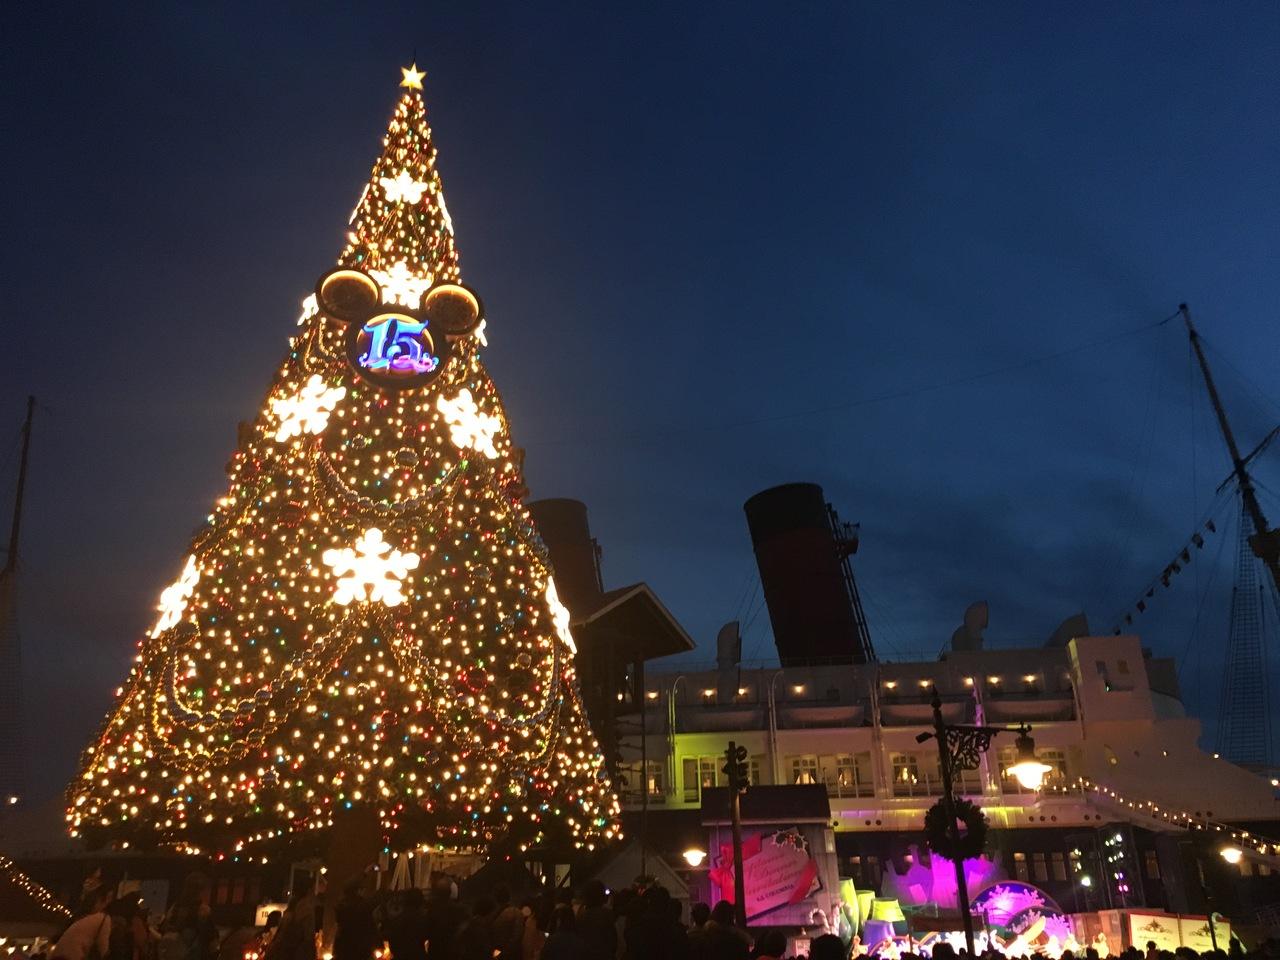 クリスマスディズニー☆1日目☆』東京ディズニーリゾート(千葉県)の